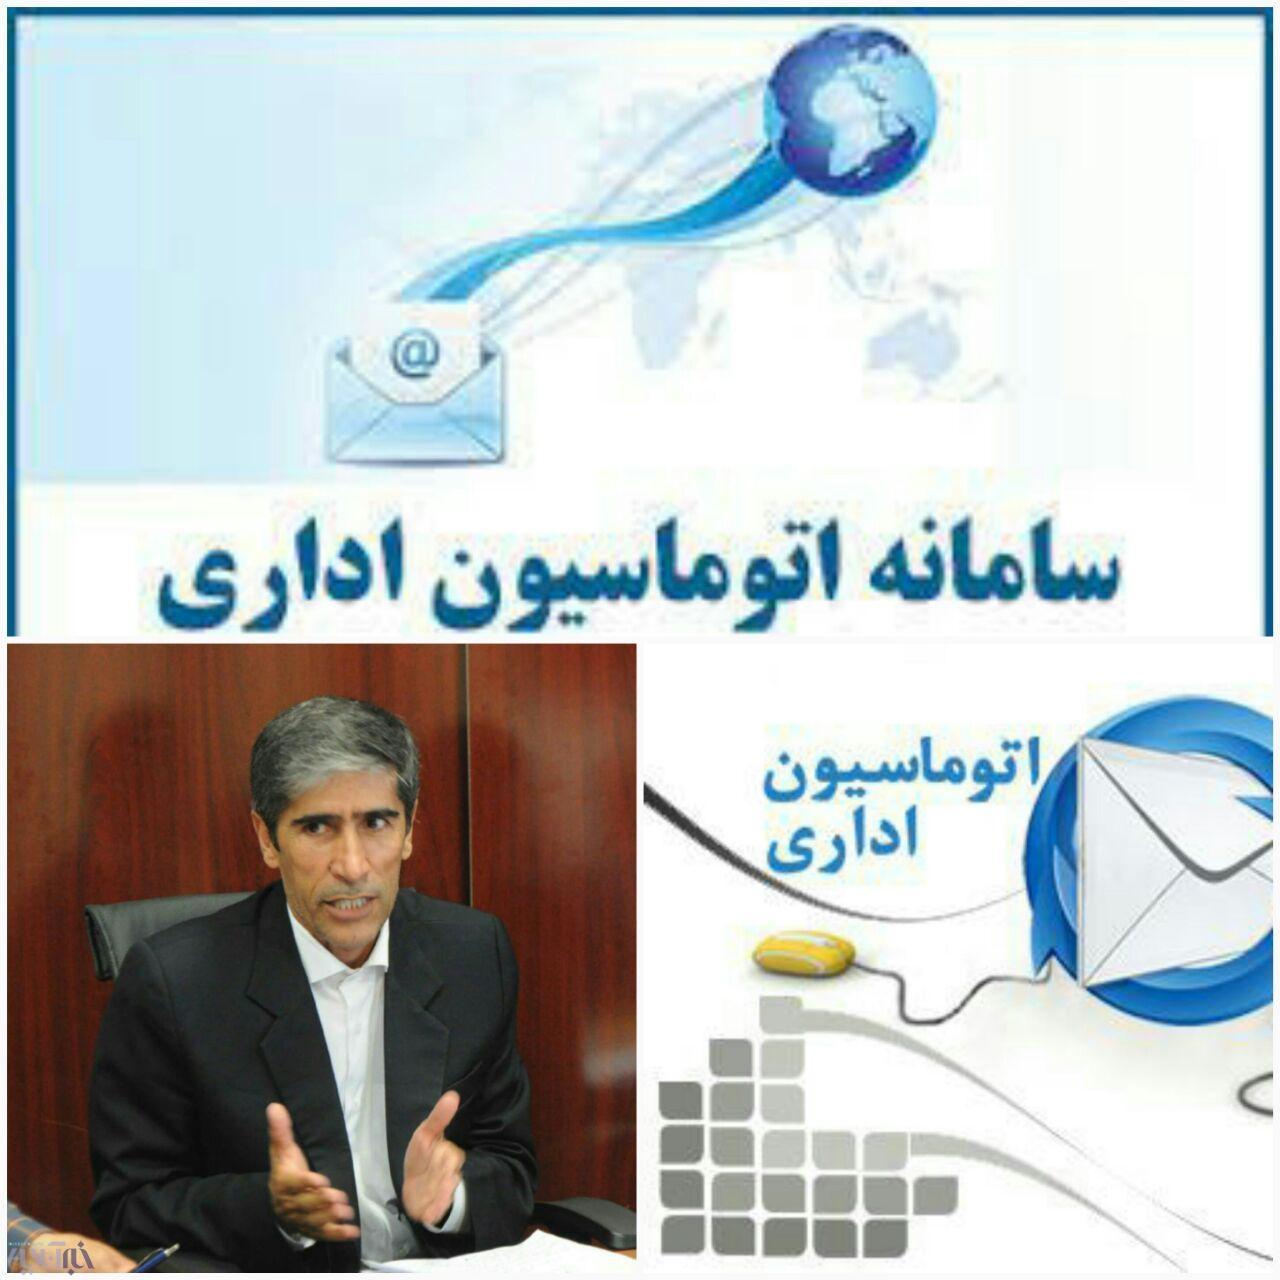 راه اندازی سامانه اتوماسیون اداری و تسهیل در گردش مکاتبات اداری